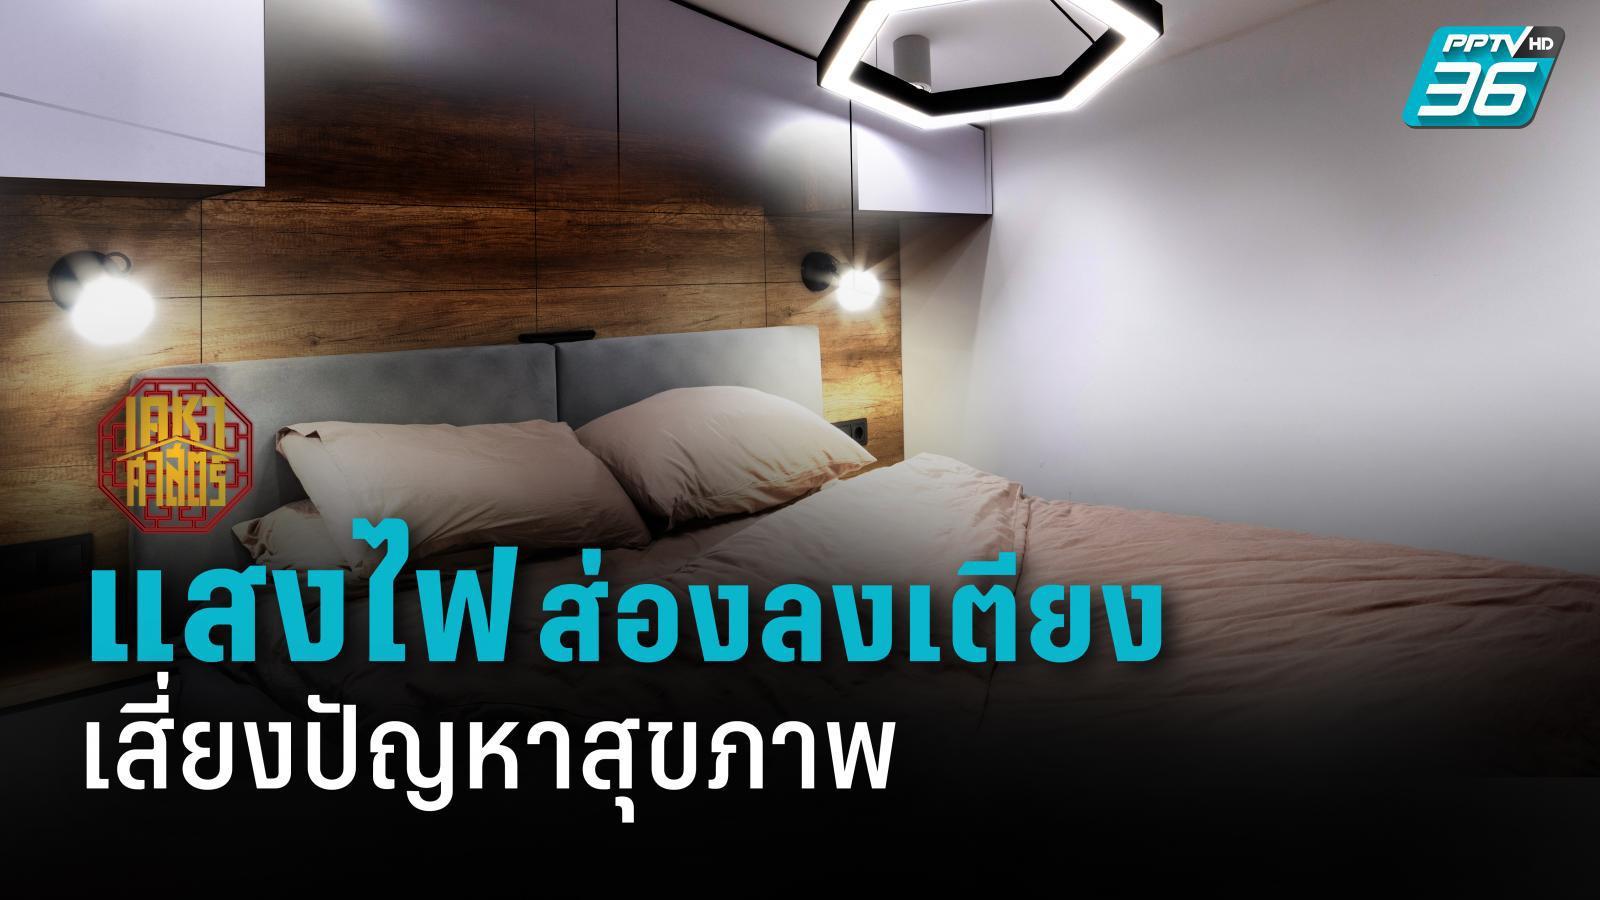 """ตำแหน่งหลอดไฟในห้องนอนที่ผิดหลัก """"ตี่ลี่ ฮวงจุ้ย"""""""